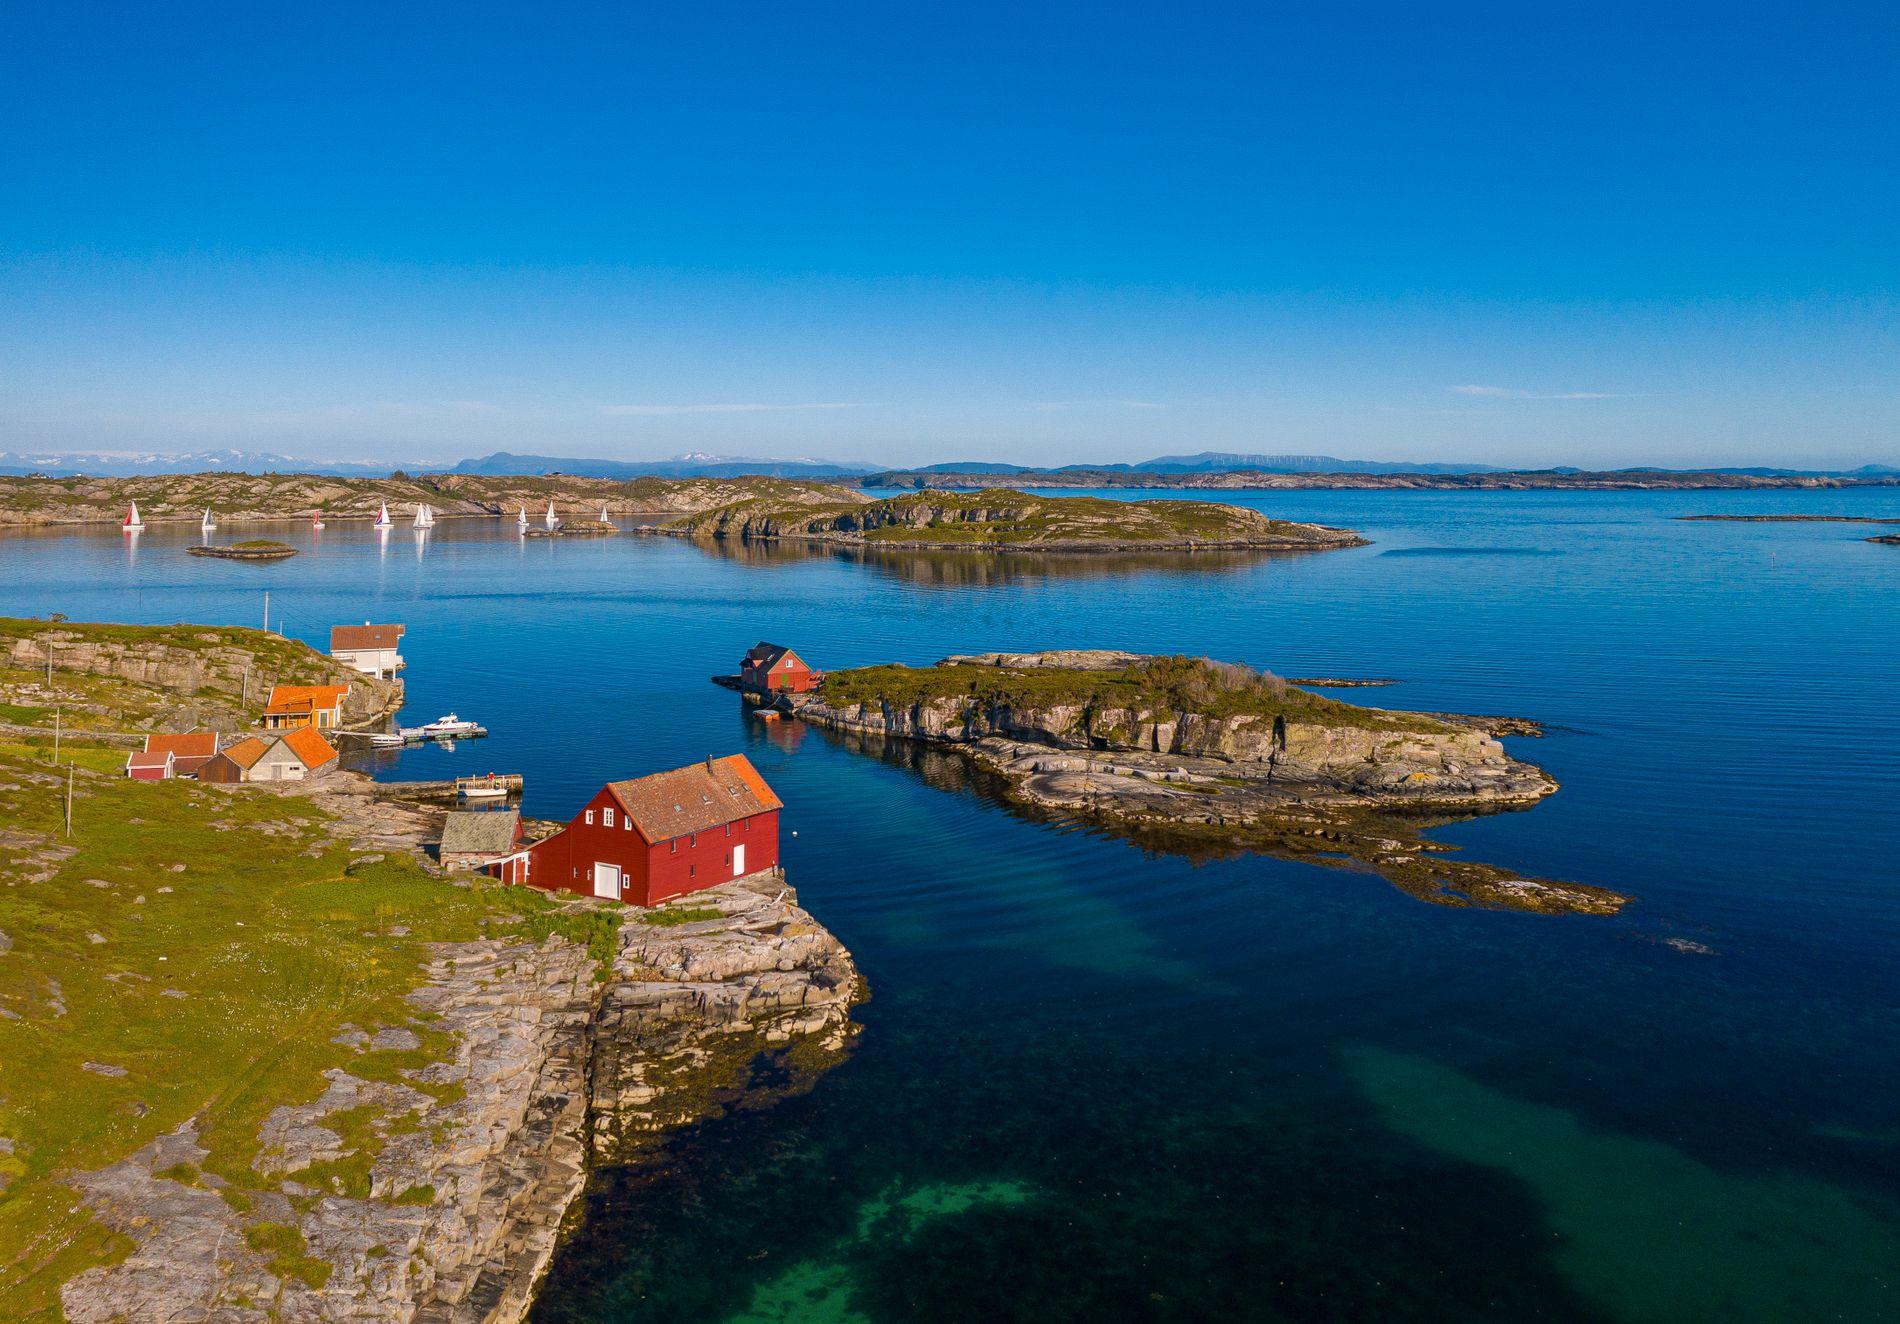 FLOTTE FISKEFORHOLD: Her kan man kaste ut både teine og snøre rett fra bryggekanten. Kamskjell, torsk, havlaks og hummer er det også mye av i sjøen utenfor Store Vardøyna.